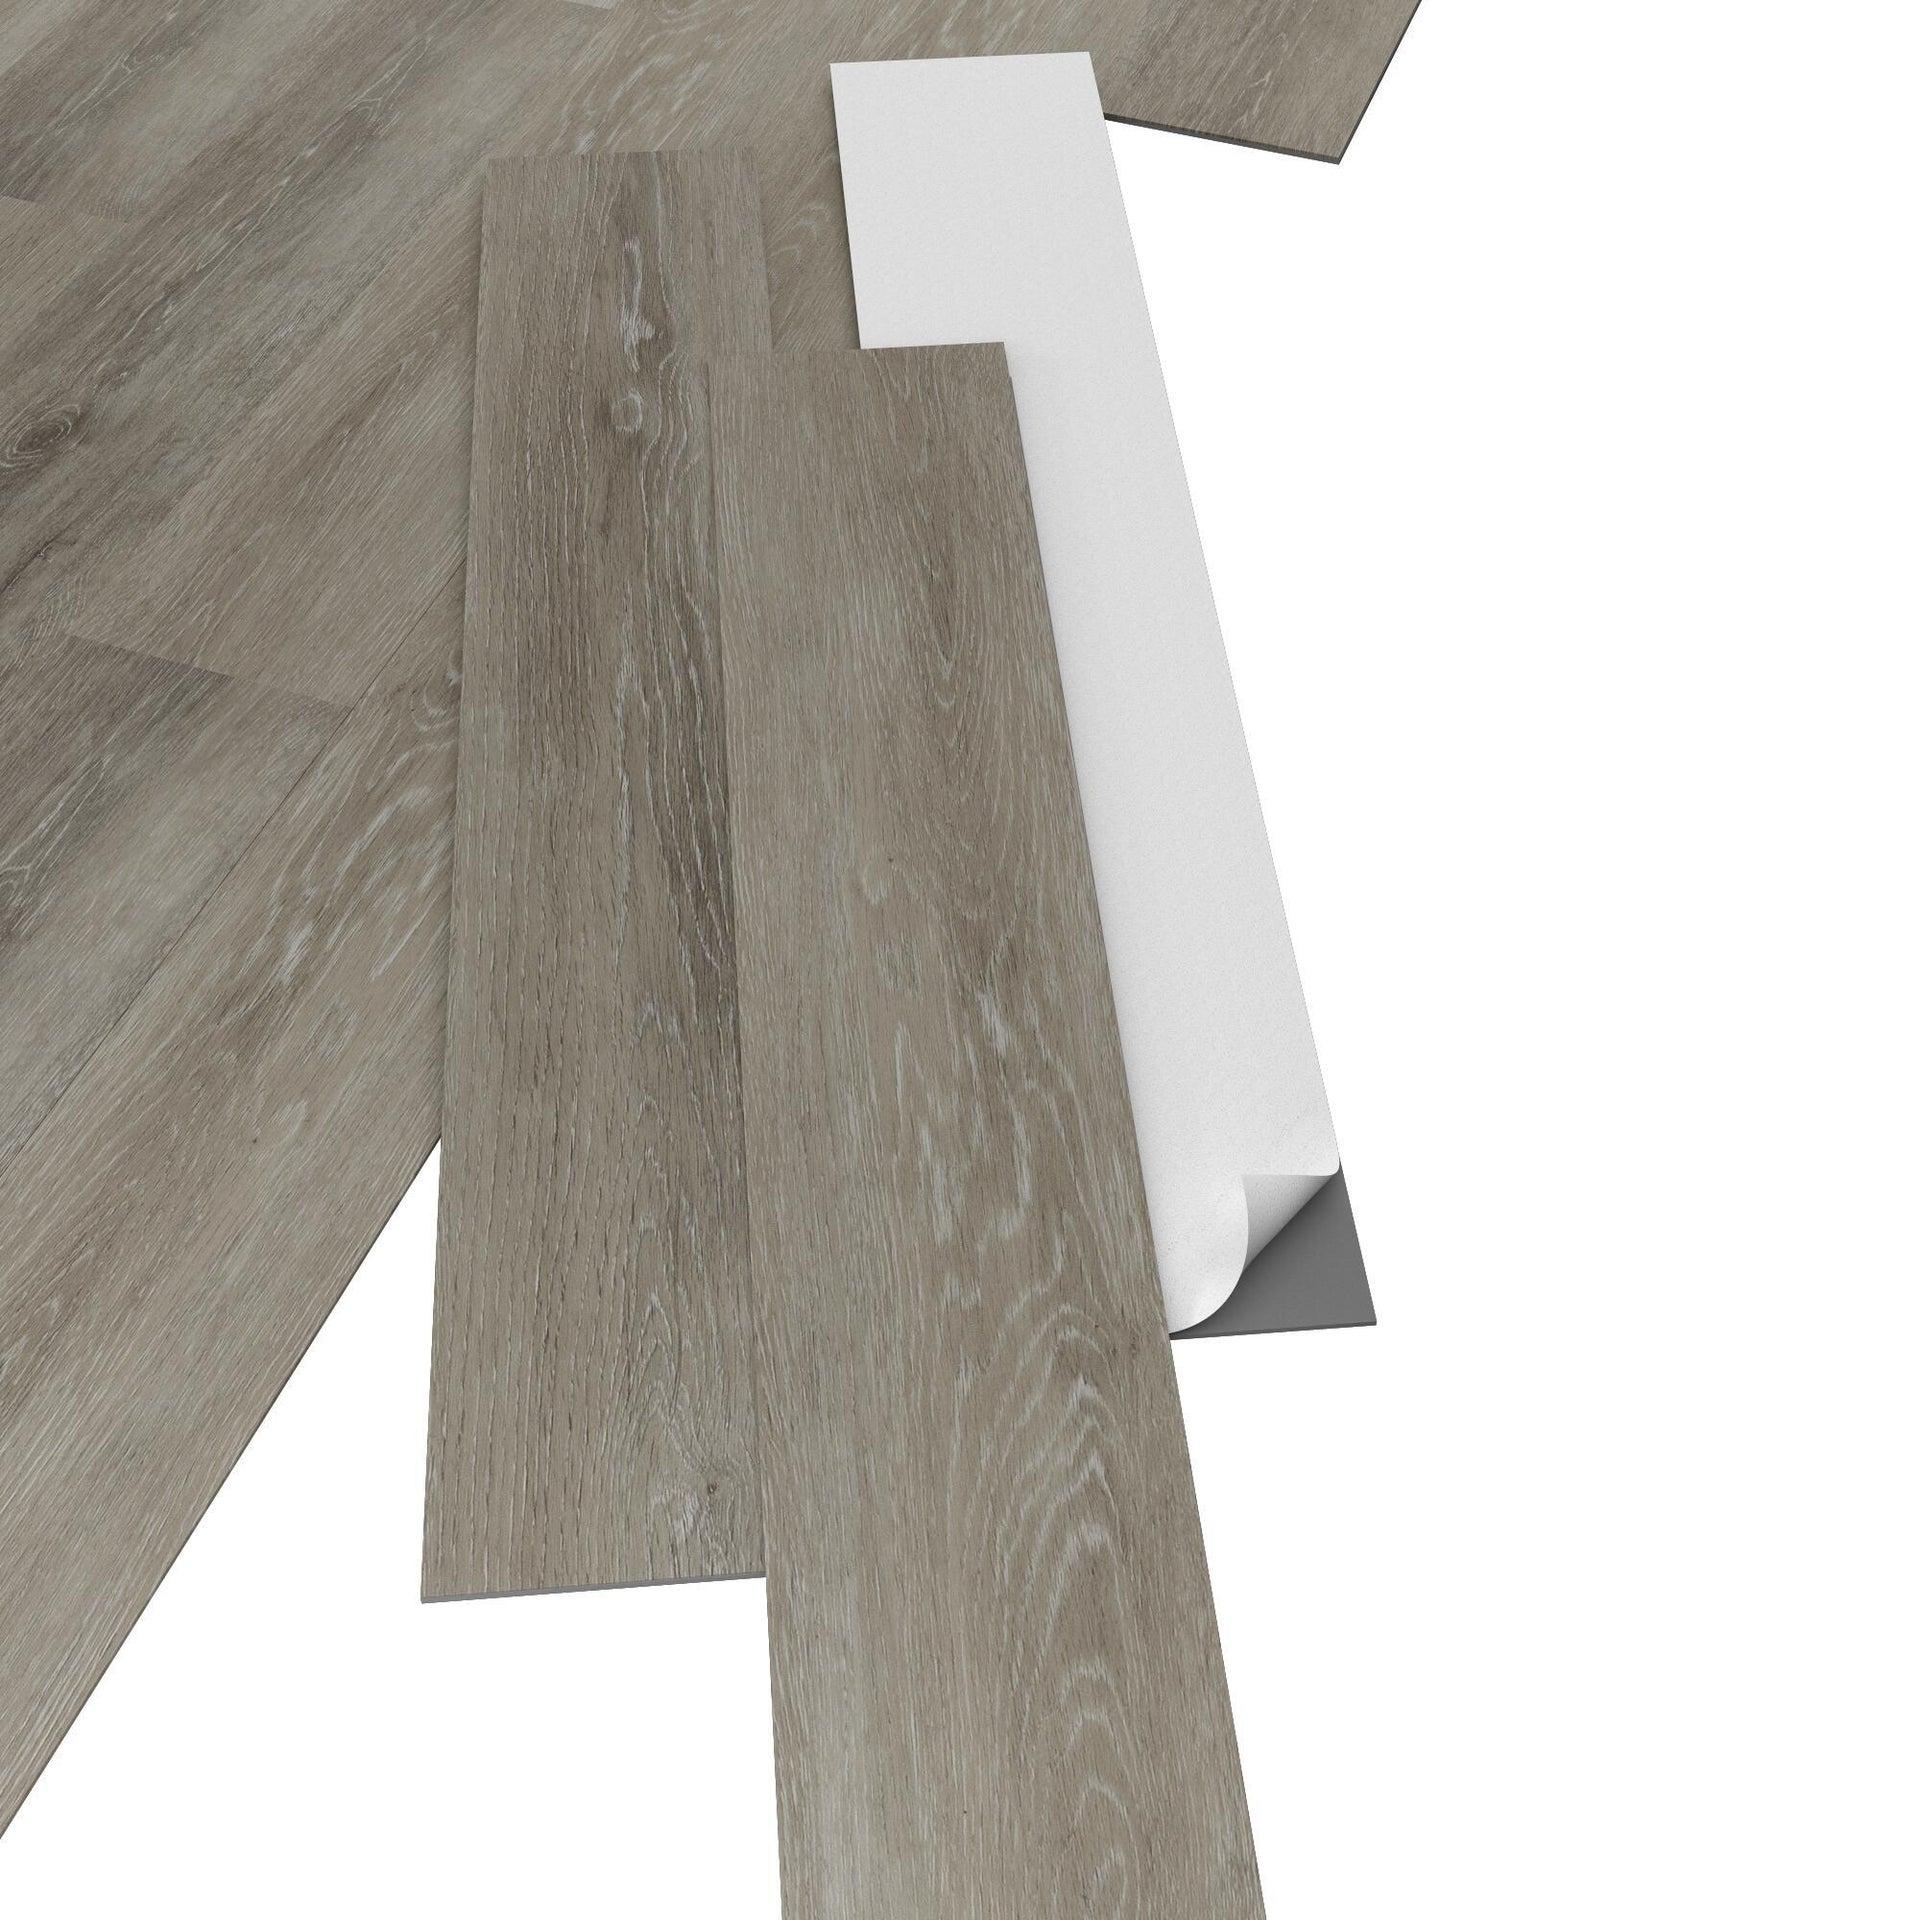 Plancia di vinile adesivo New Helix Sp 2 mm beige - 4